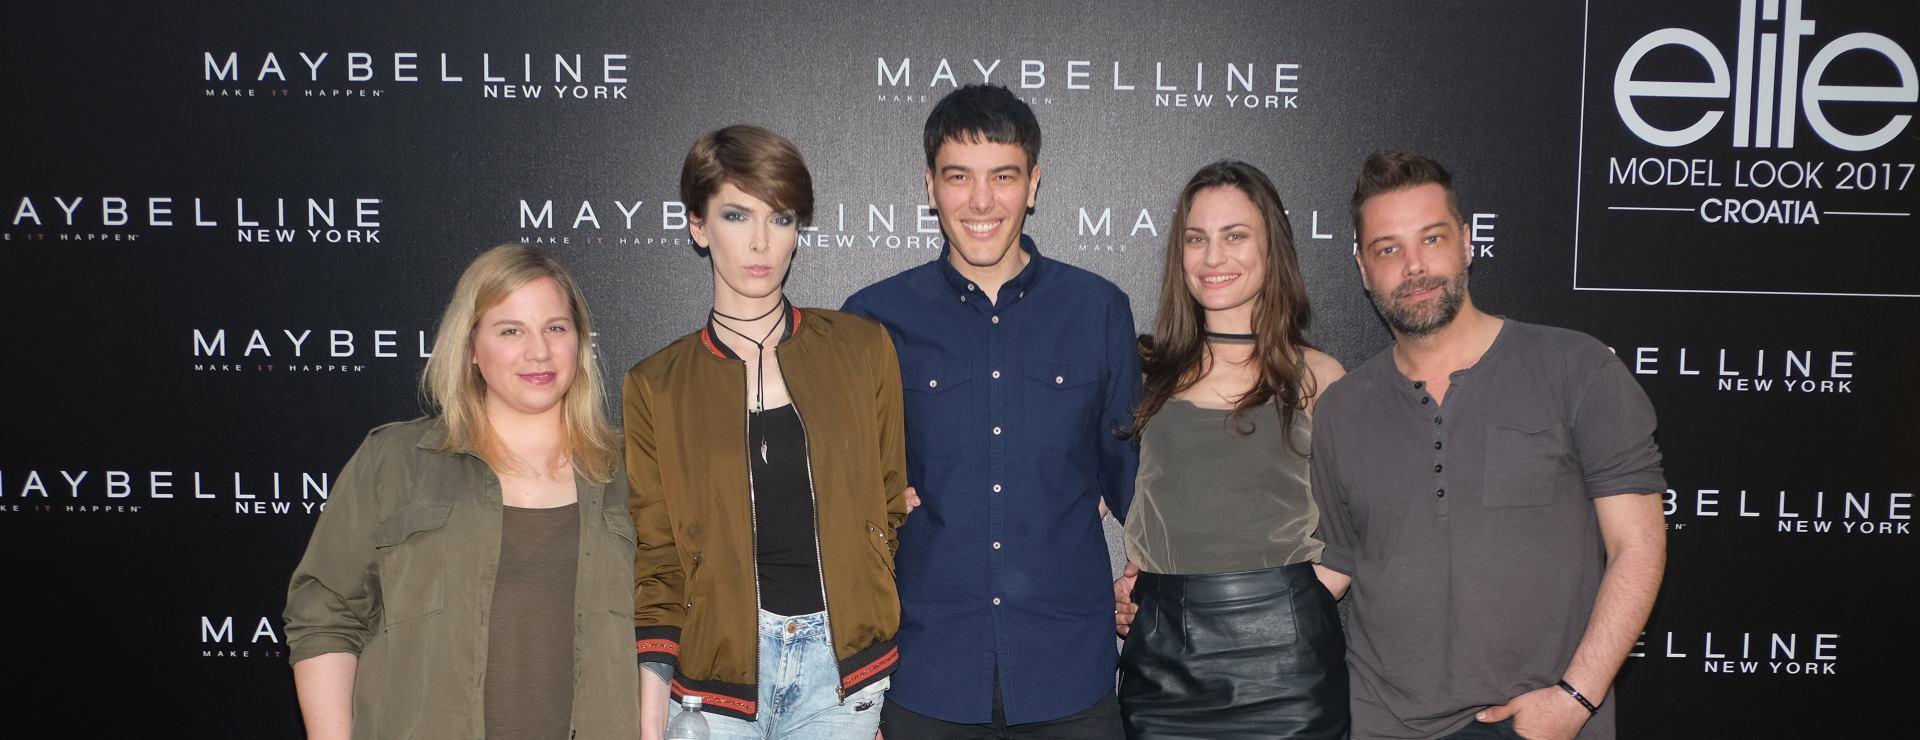 ELITE MODEL LOOK Ovog vikenda regionalni casting se održava u Dalmaciji